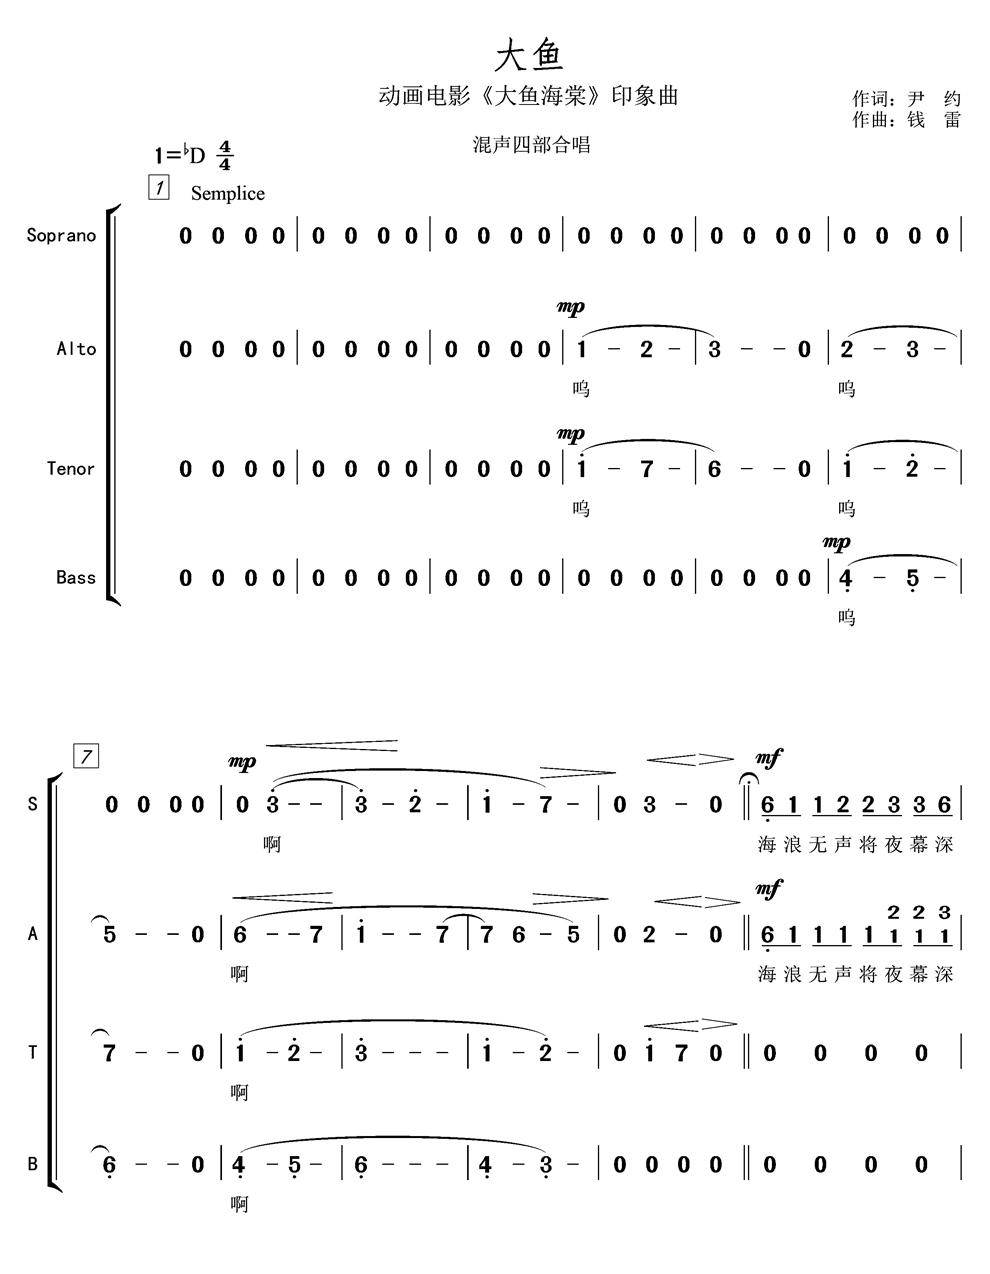 大鱼海棠印象曲 大鱼 四声部合唱谱 五线谱,钢伴谱,简谱,钢琴伴奏